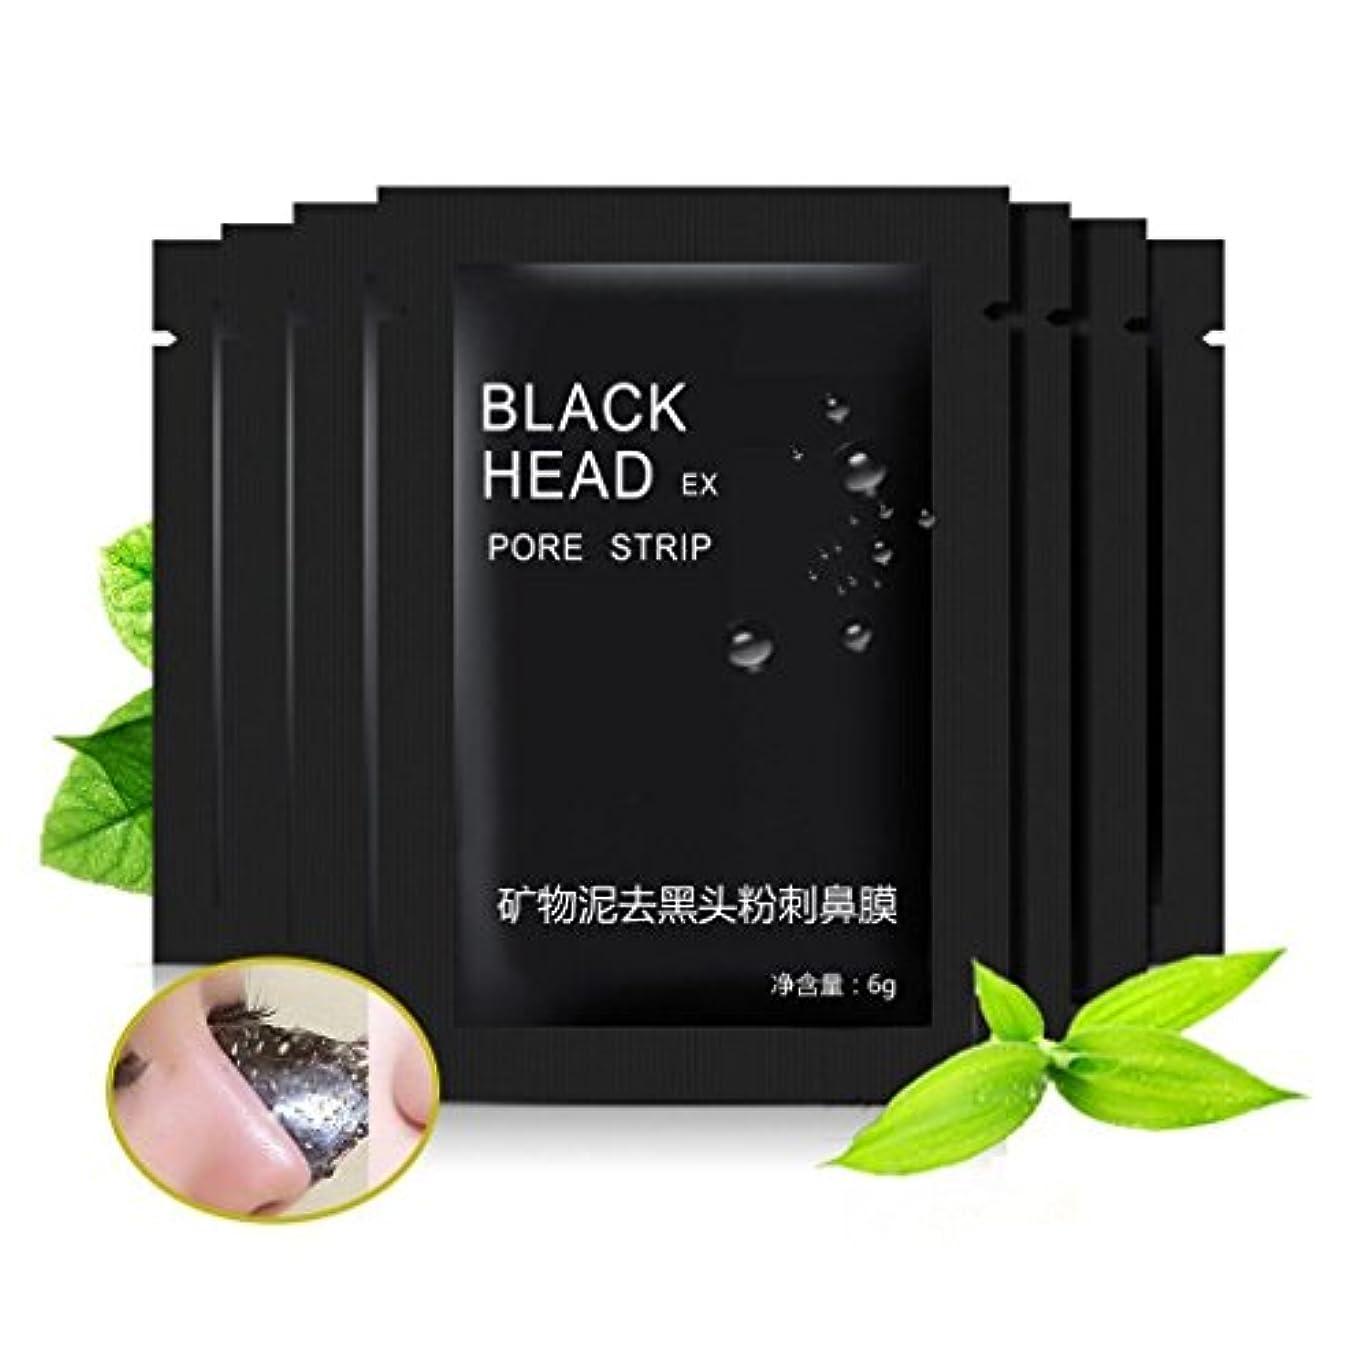 シャープトレーニング多年生Black Forest Spa 20pcs Mineral Black Mud Nose Blackhead Remover Face Facial Black Mask Pore Acne Treatments Mask...